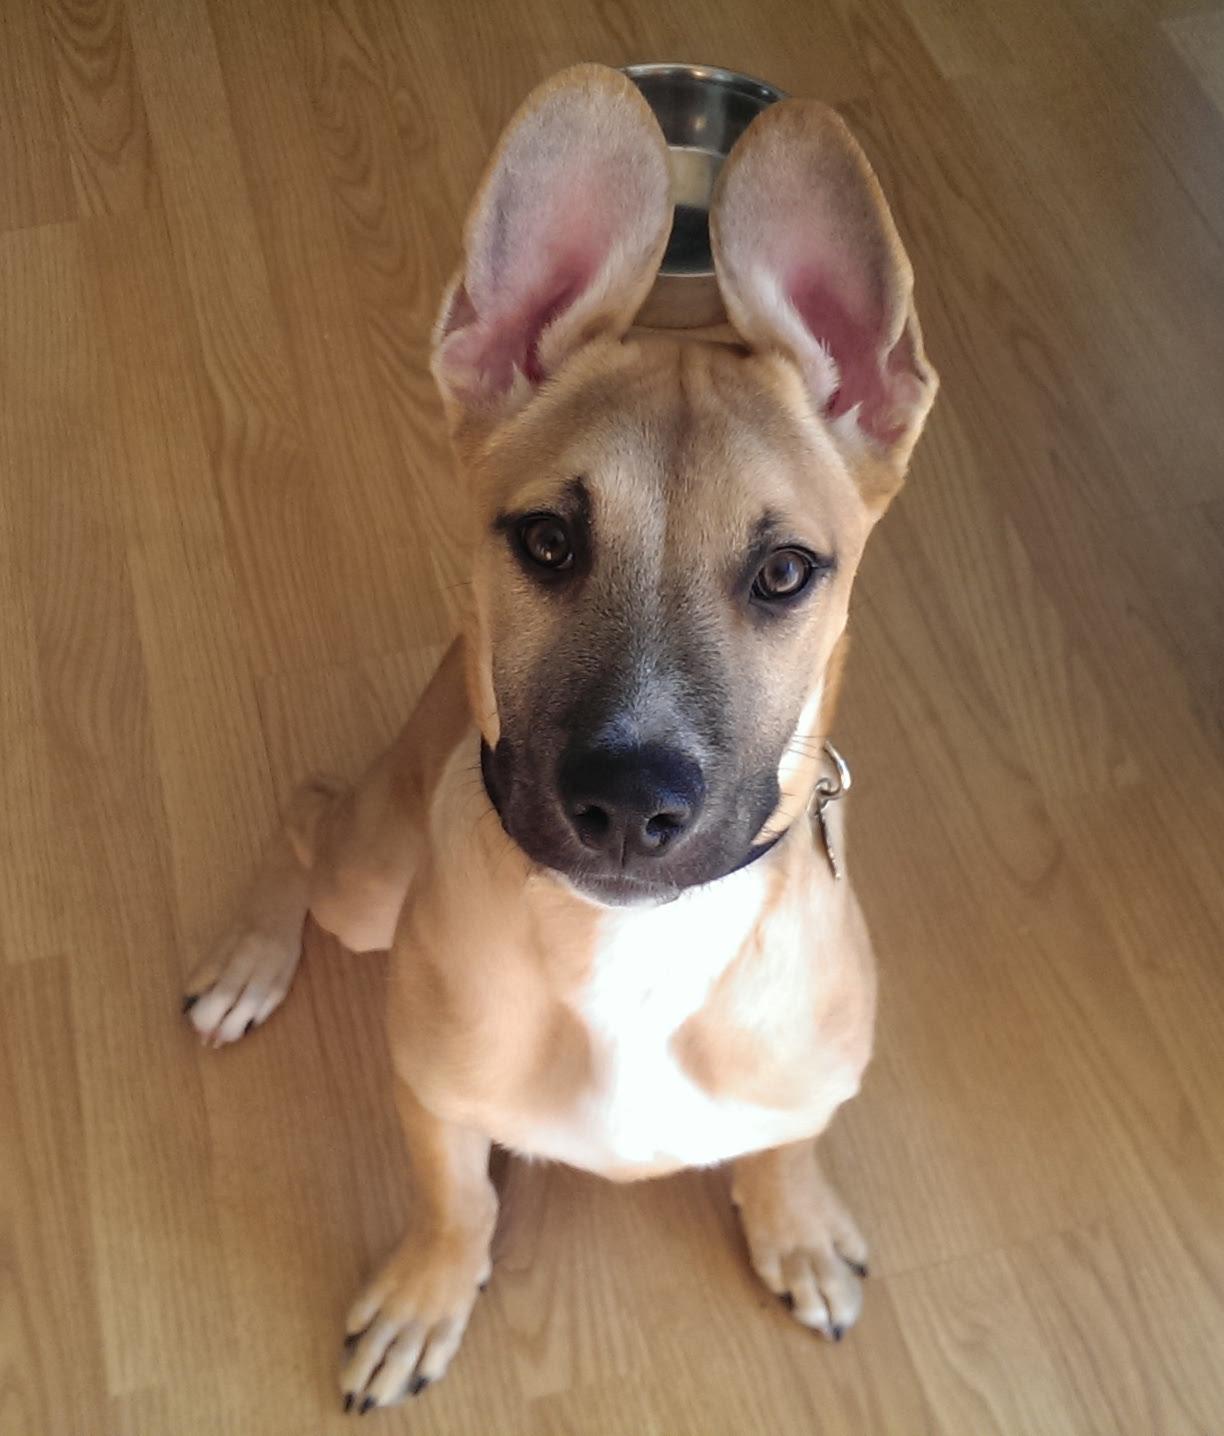 Her Ears Cross Over Aww